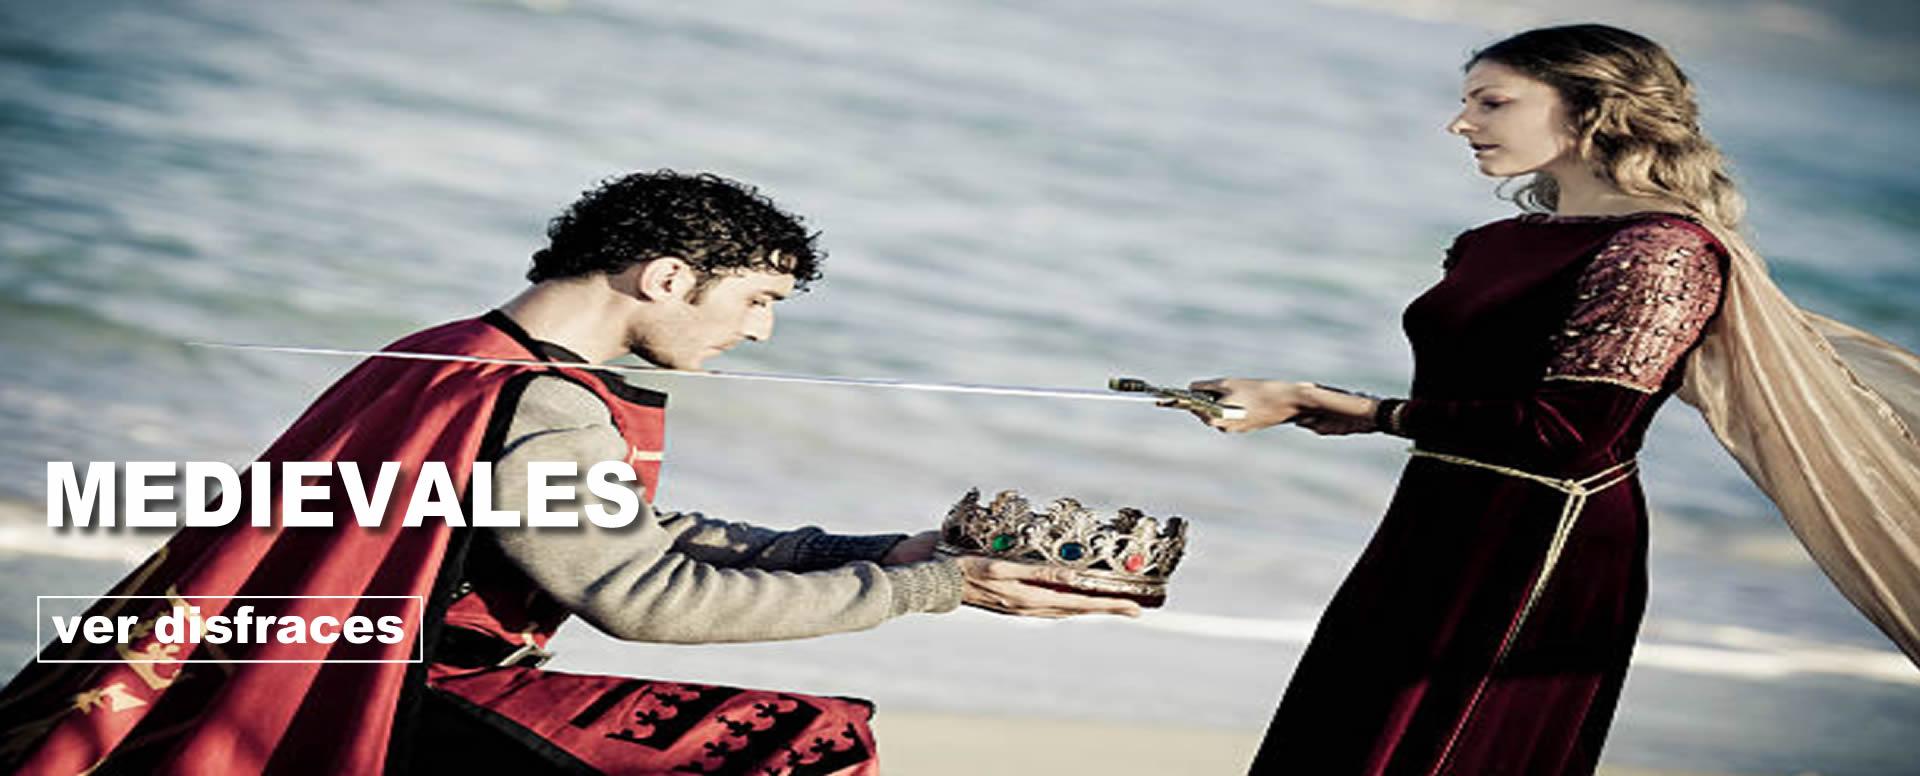 imagen principal de guerreros y arabes